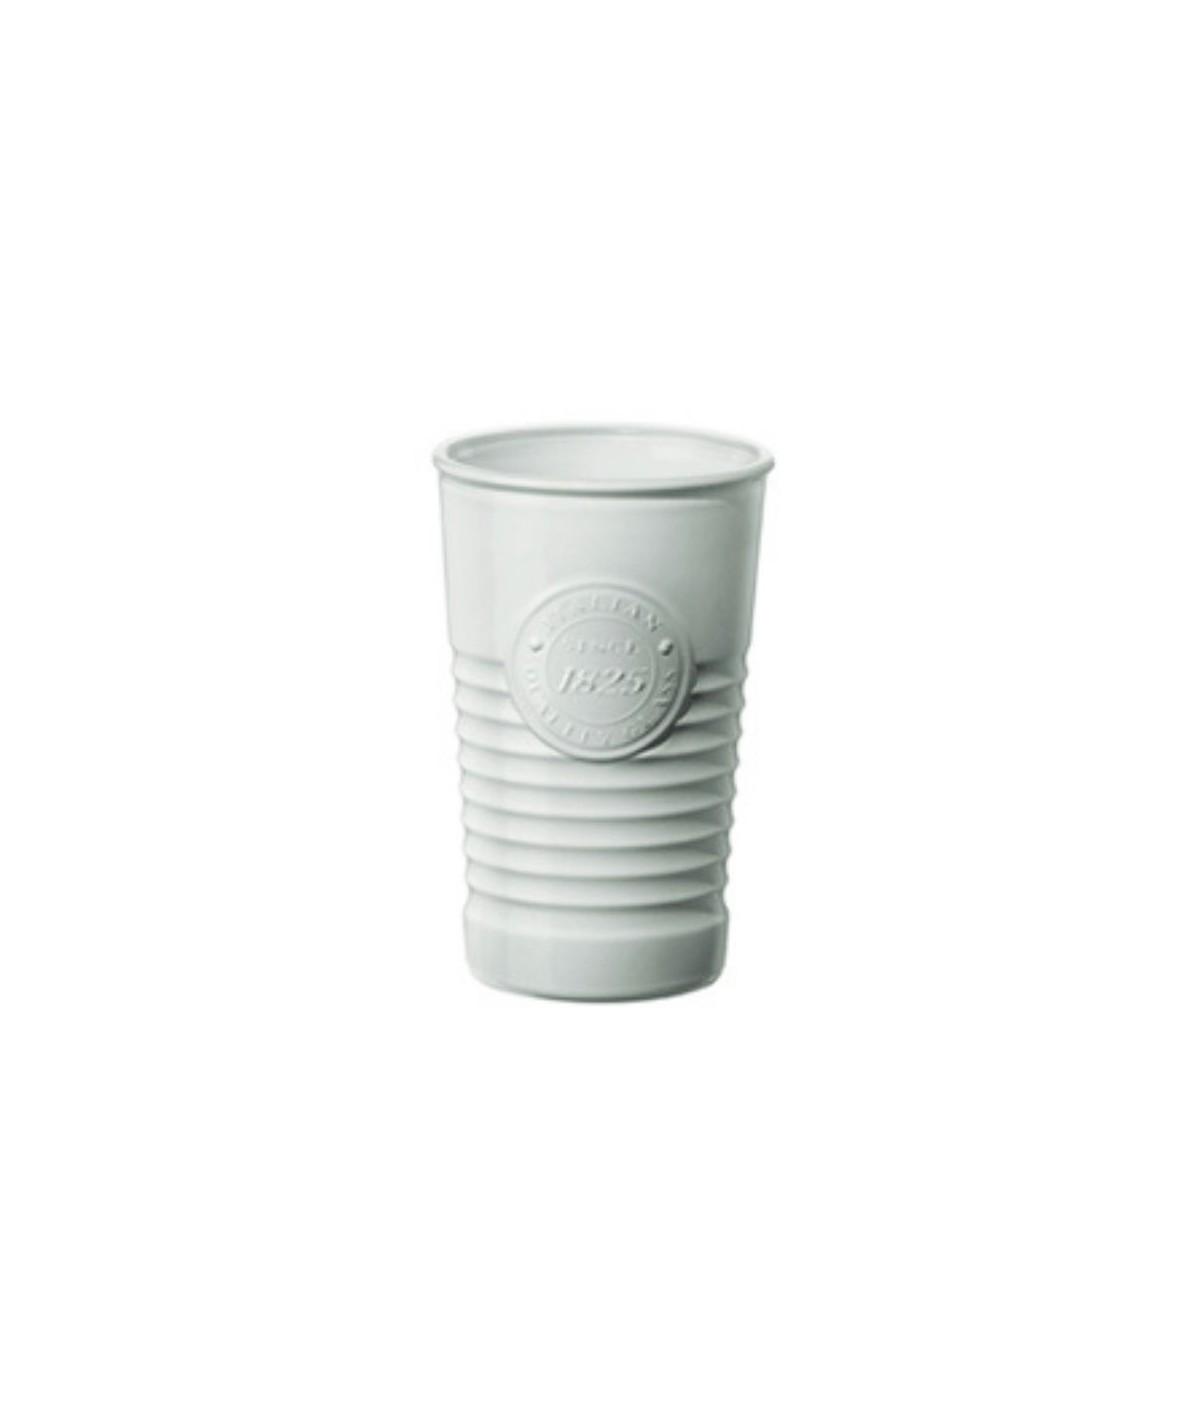 Bicchieri in ceramica bianca officina - Bormioli